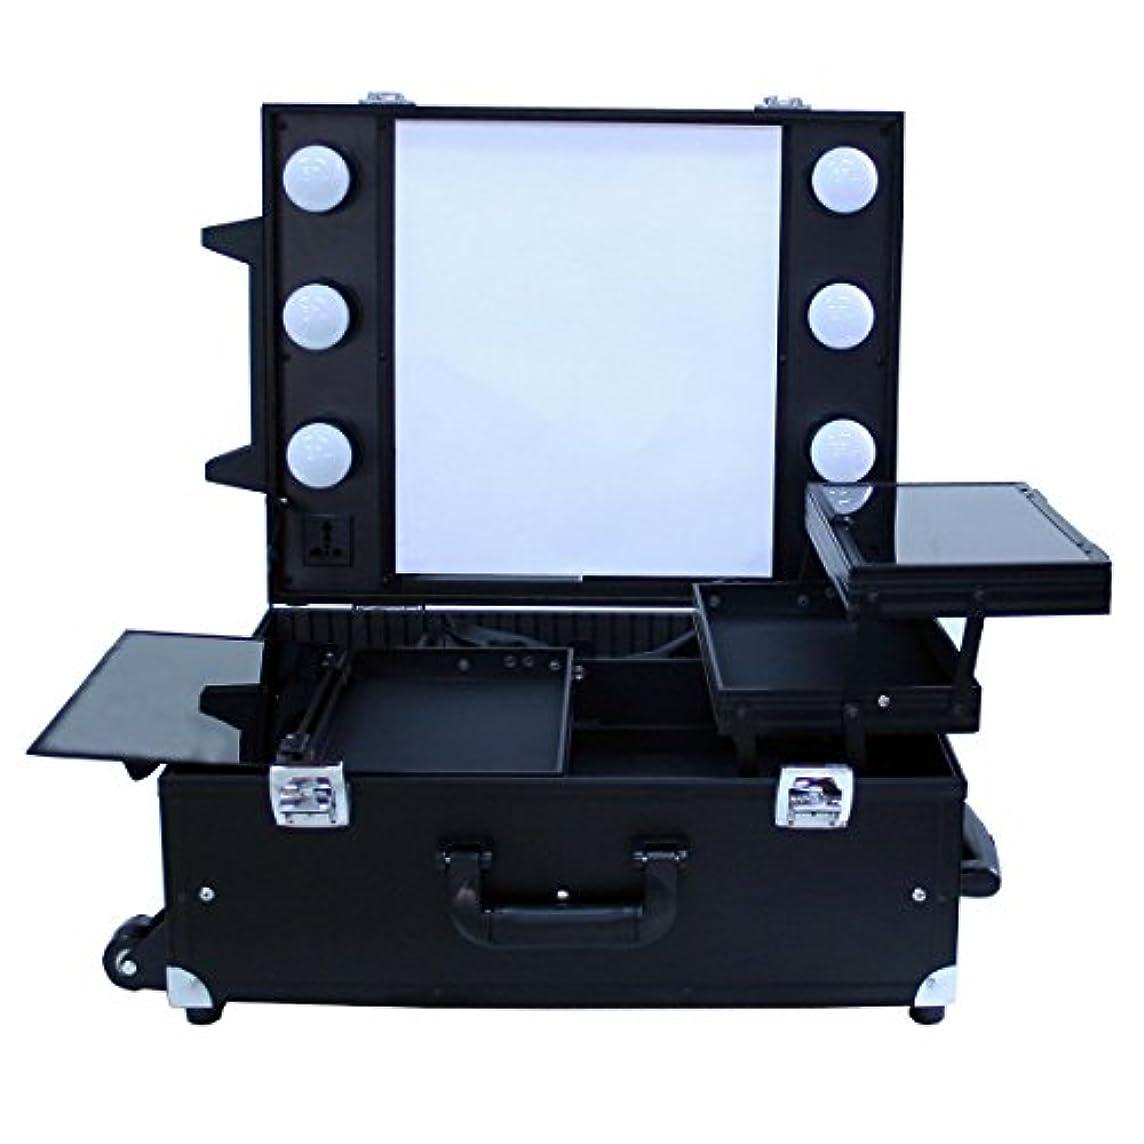 タッチ目立つ前プロ用卓上式メイクステーション|DB9552K|コスメボックス|メイク用品の収納に|Desktop Make station (ブラック)